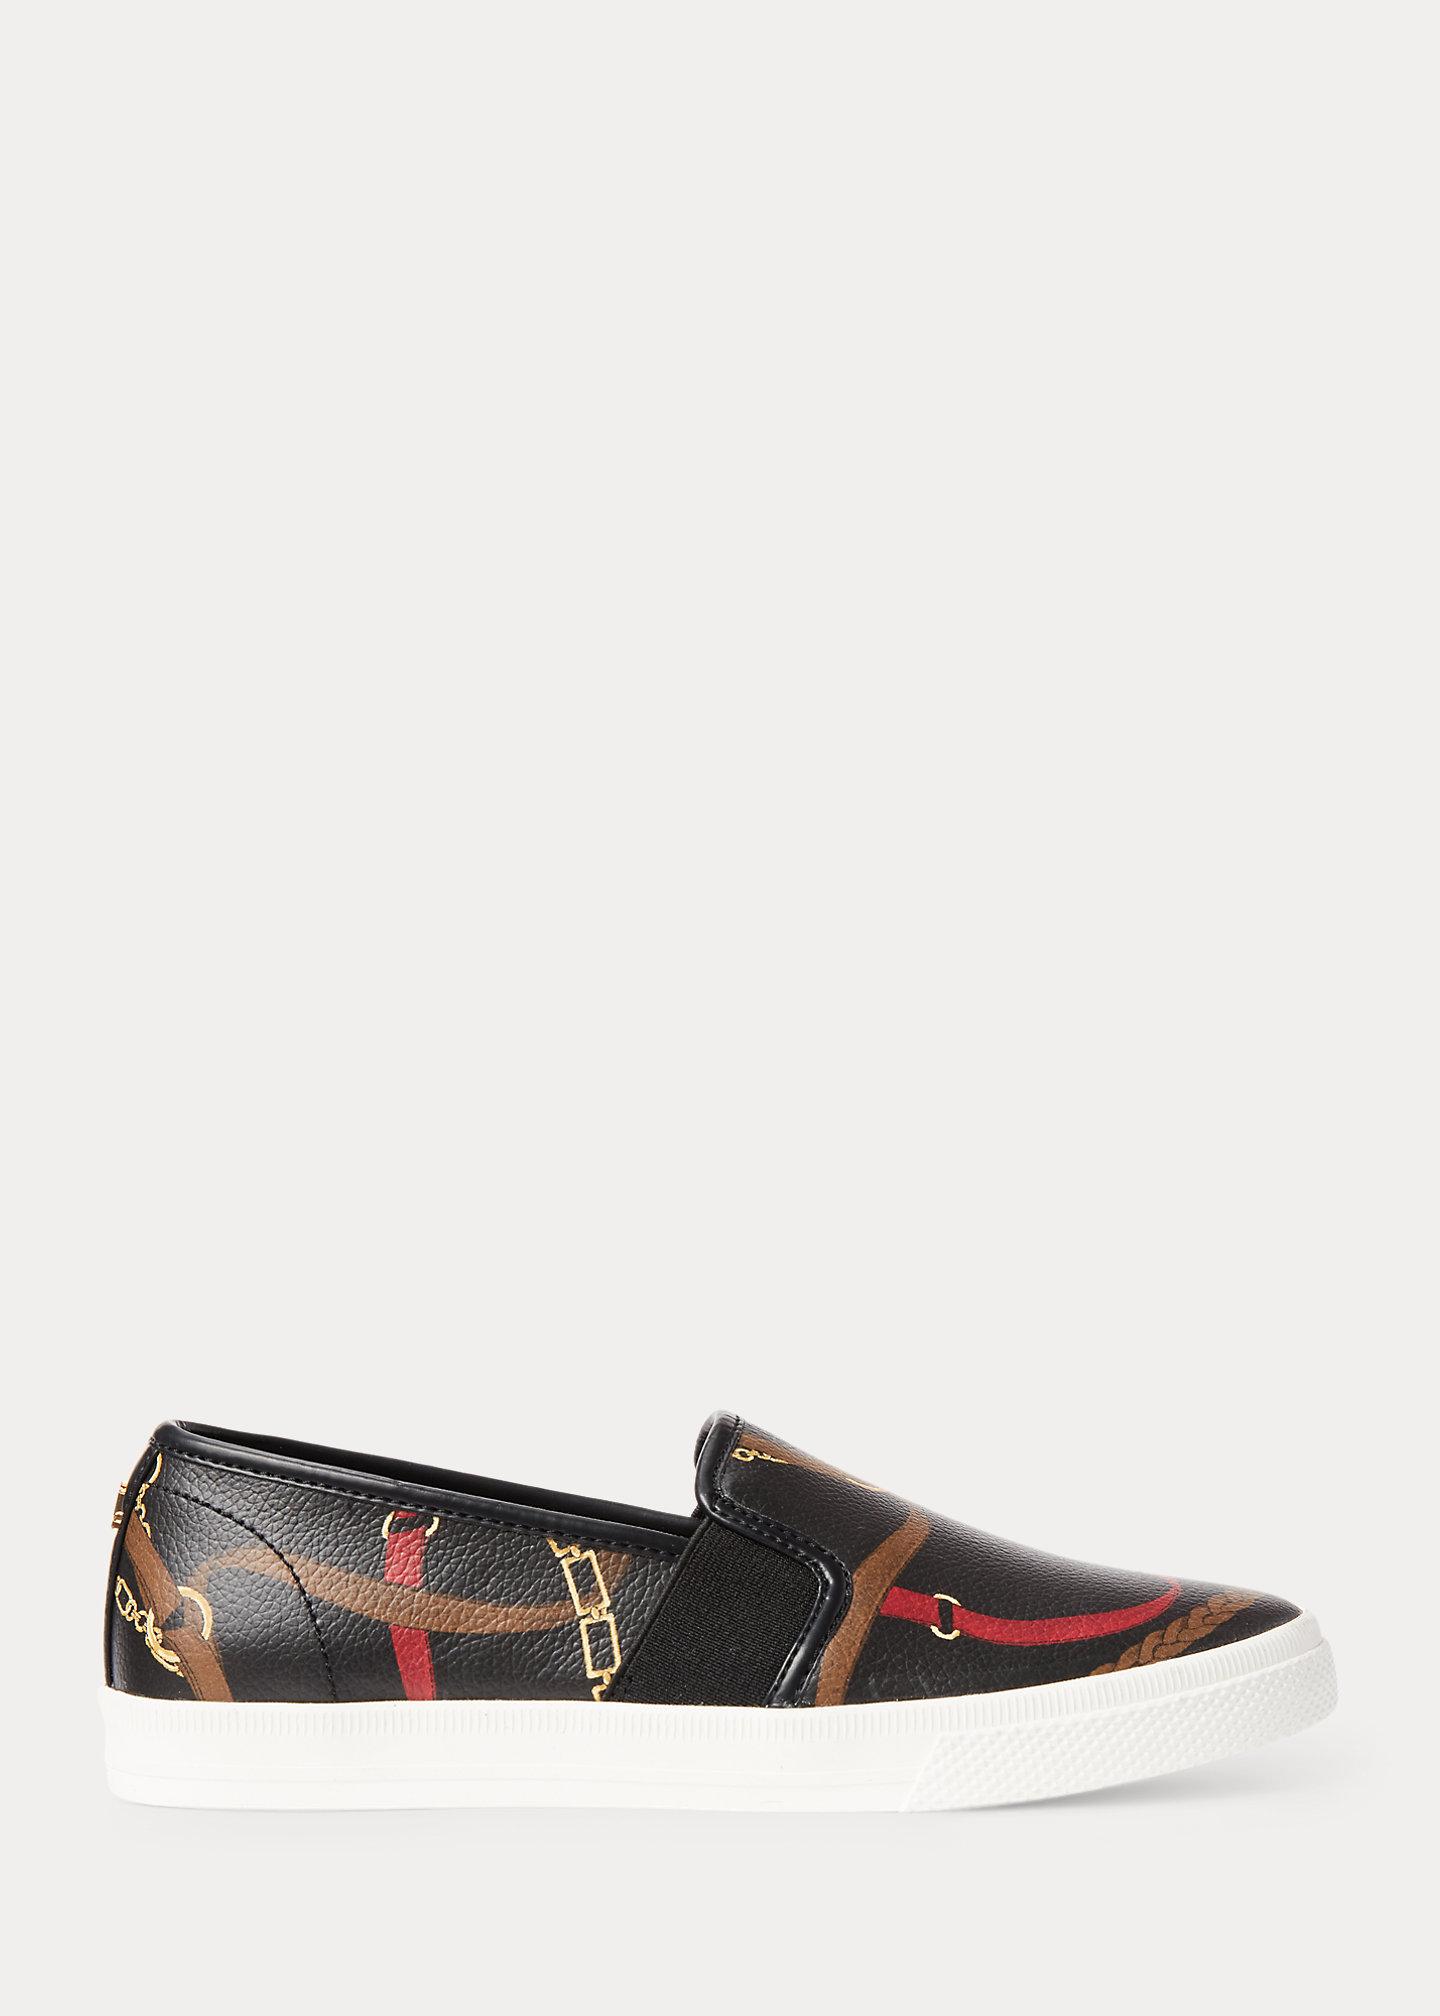 Lauren Jinny Faux-Leather Sneaker 1